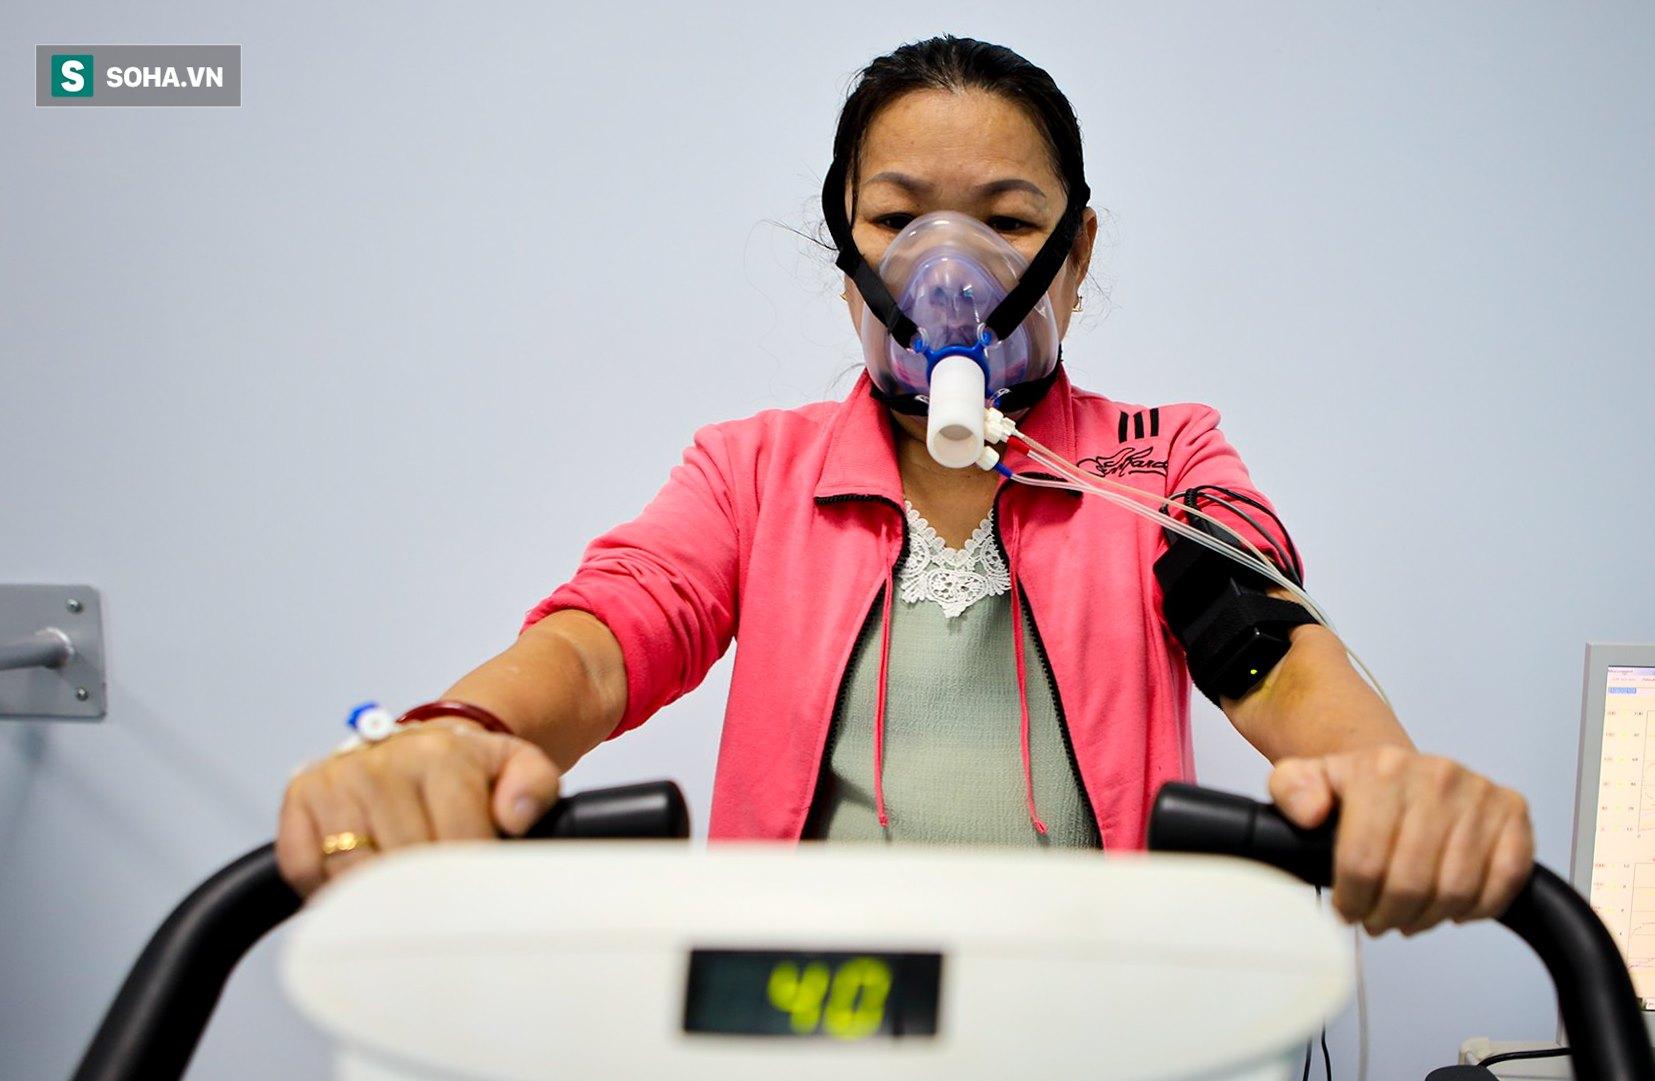 Lớp tập cai máy thở, tập đi và sự hồi phục kỳ diệu của những bệnh nhân mắc Covid-19 nặng - Ảnh 11.